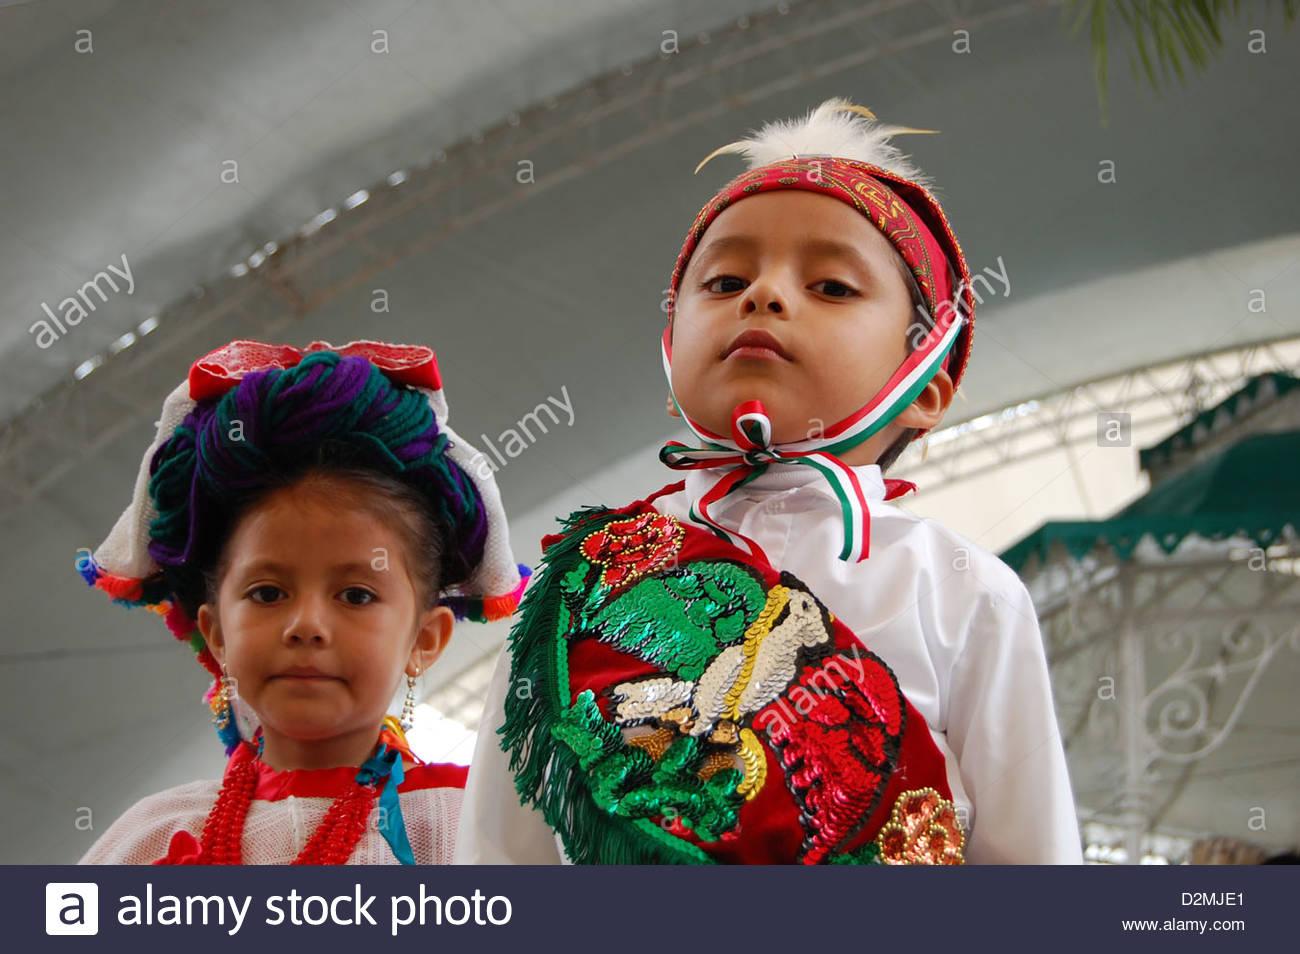 6f19971a95 Closeup dos niños mexicanos indígenas nahuat Nahua mirando a la cámara  vistiendo trajes regionales Imagen De